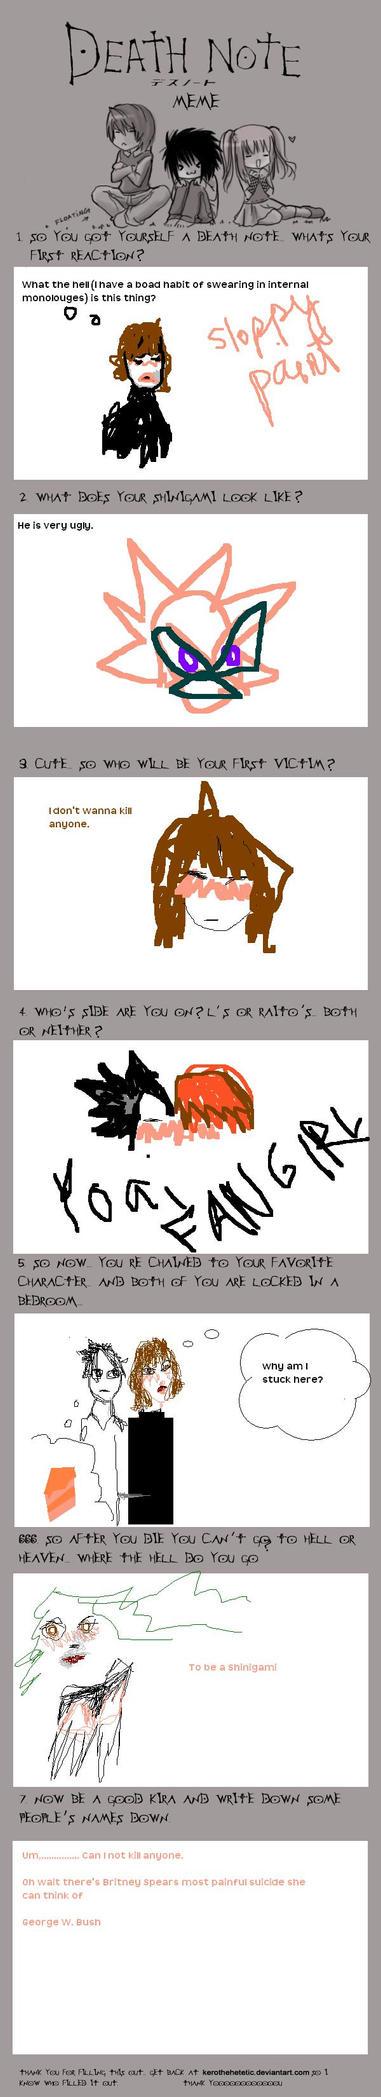 Death note meme by xxraven666xx